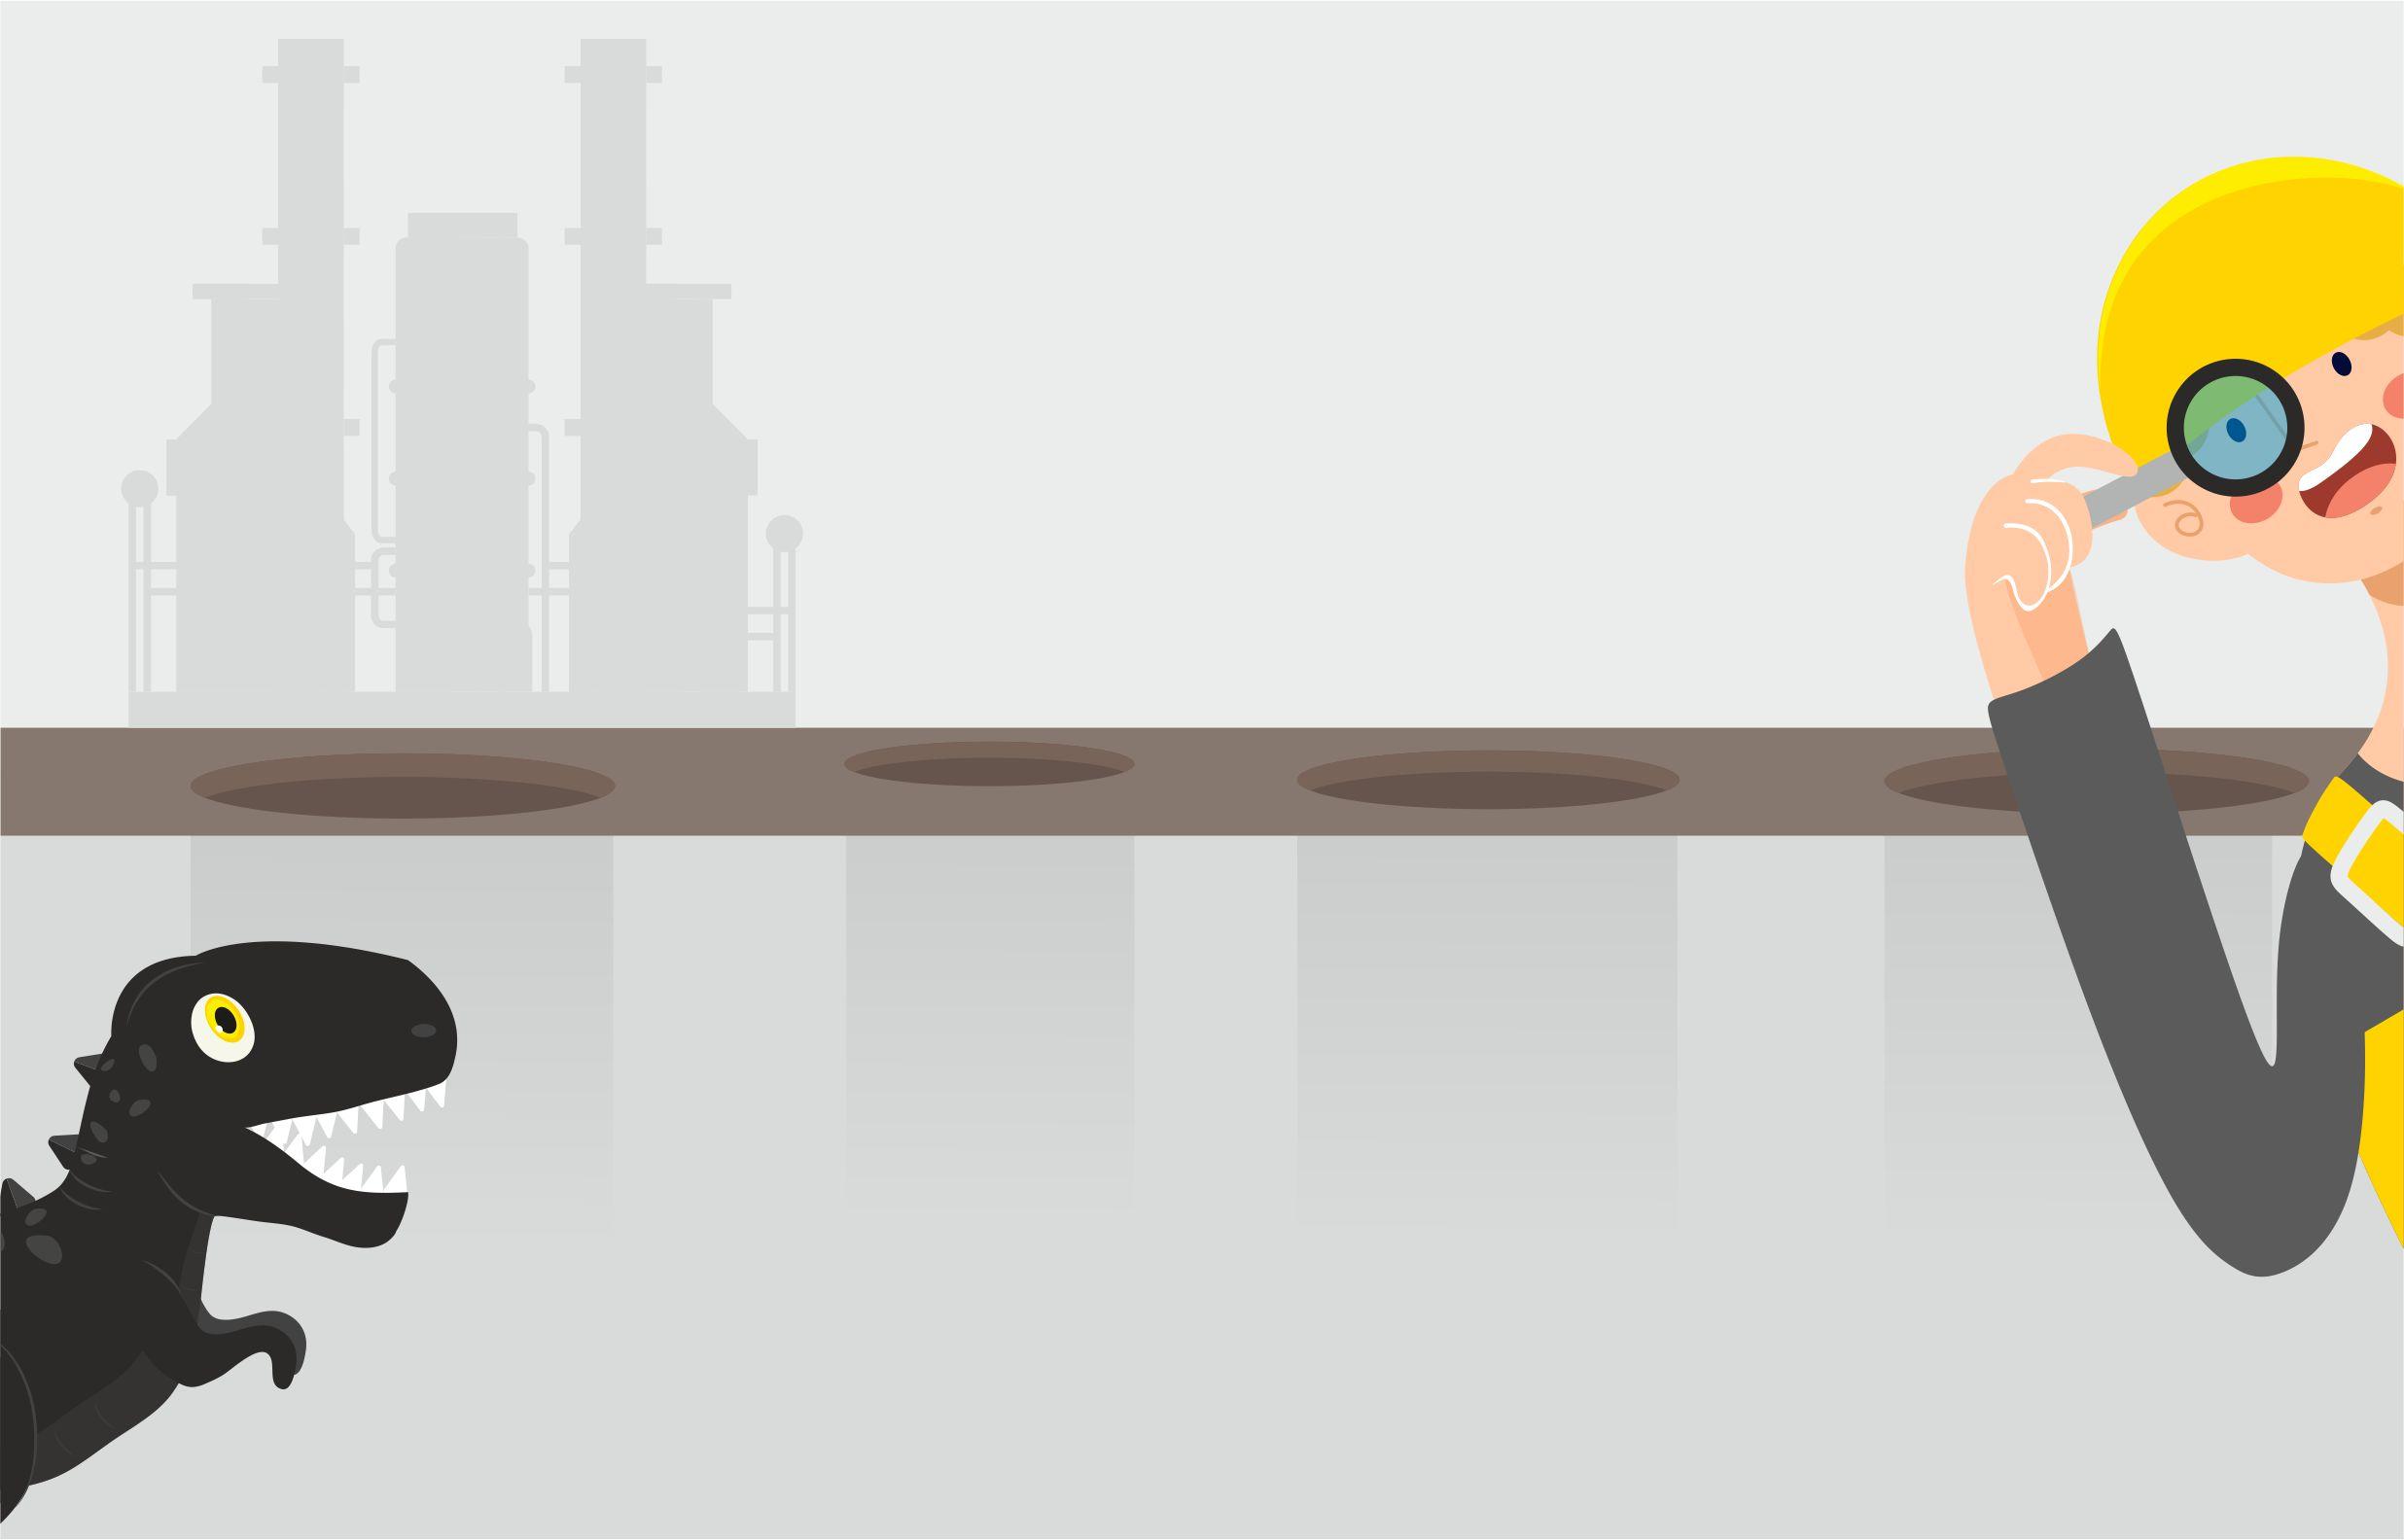 Нефтянка для инженеров, программистов, математиков и широких масс трудящихся, часть 3